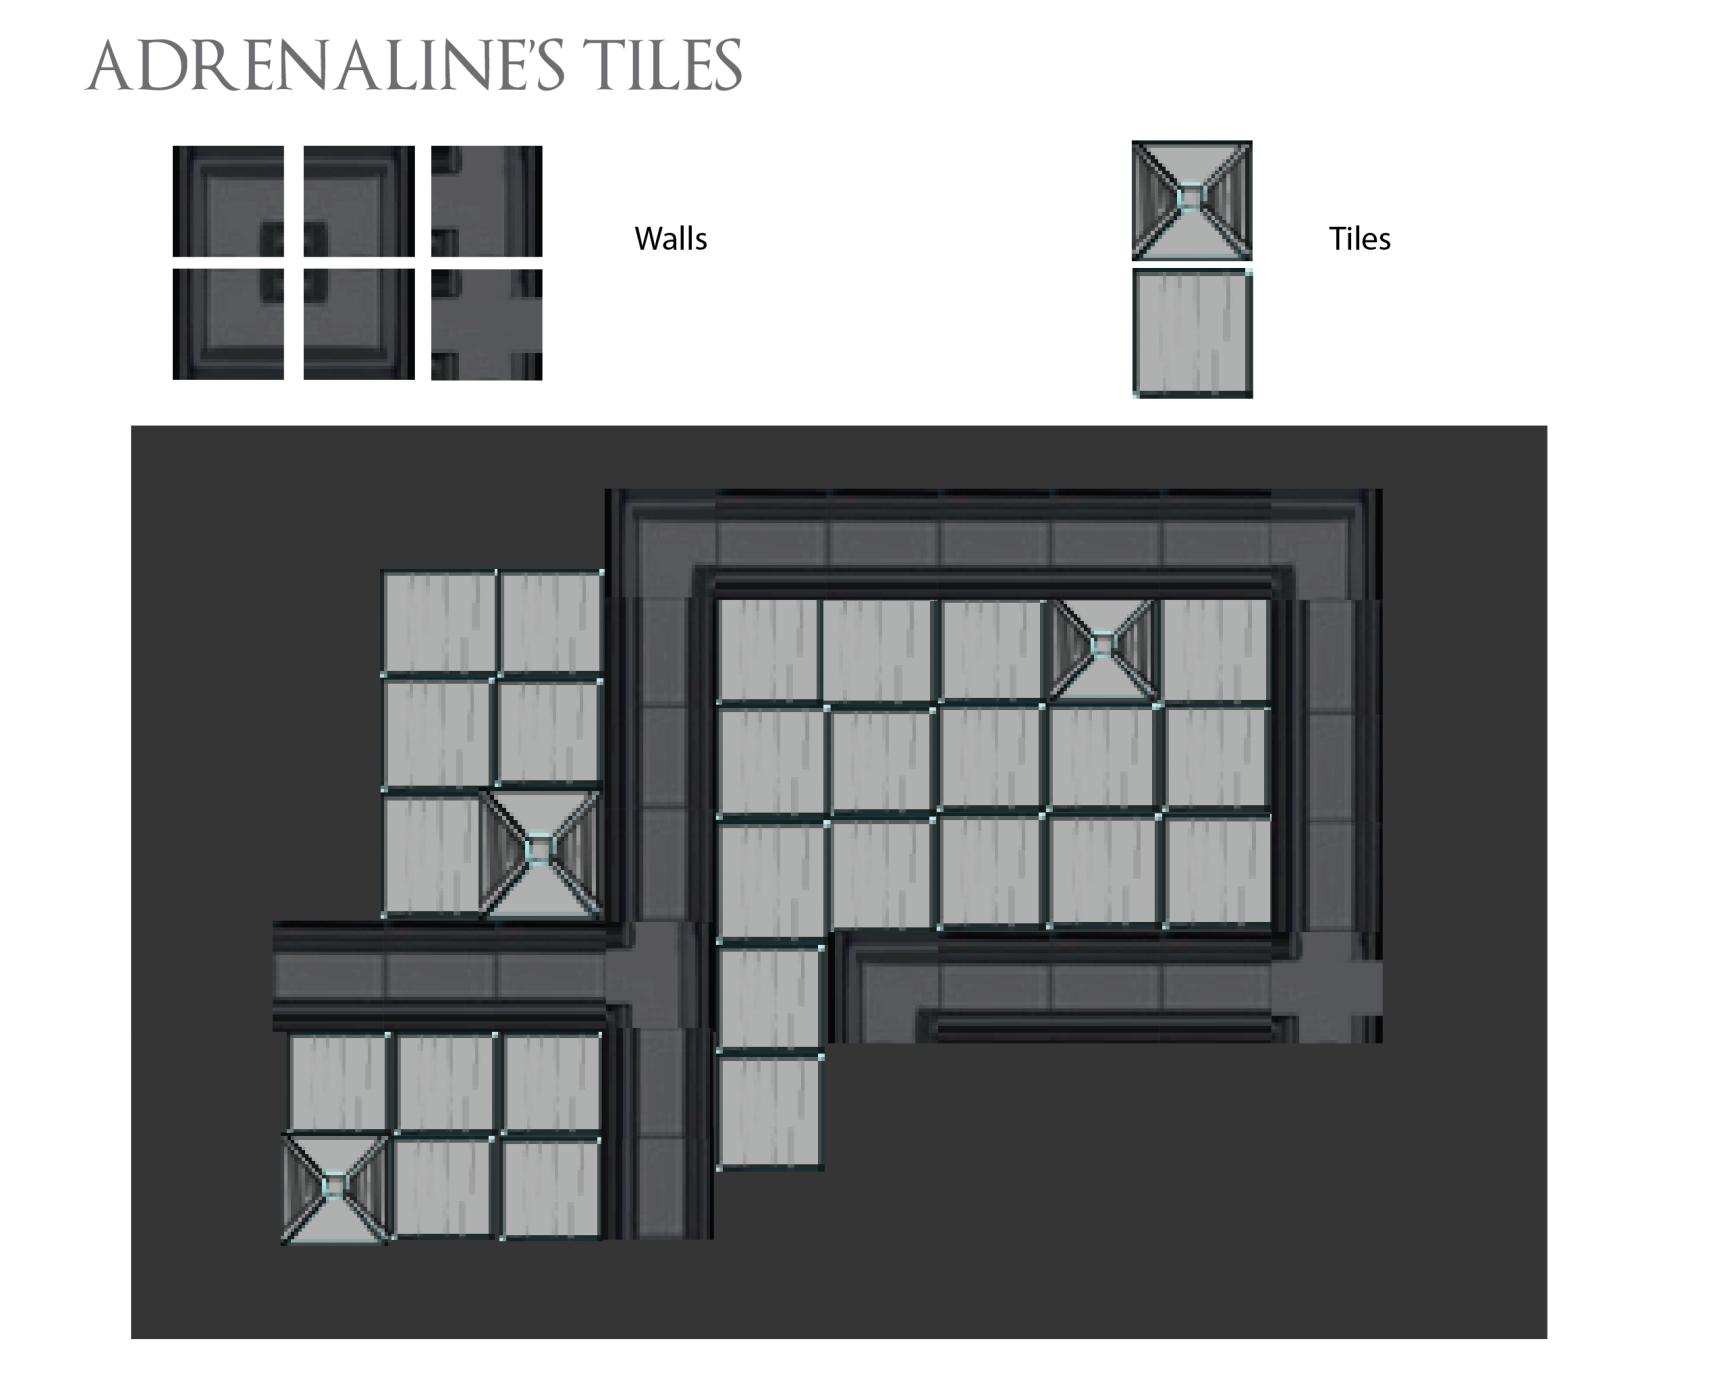 adrenaline tiles